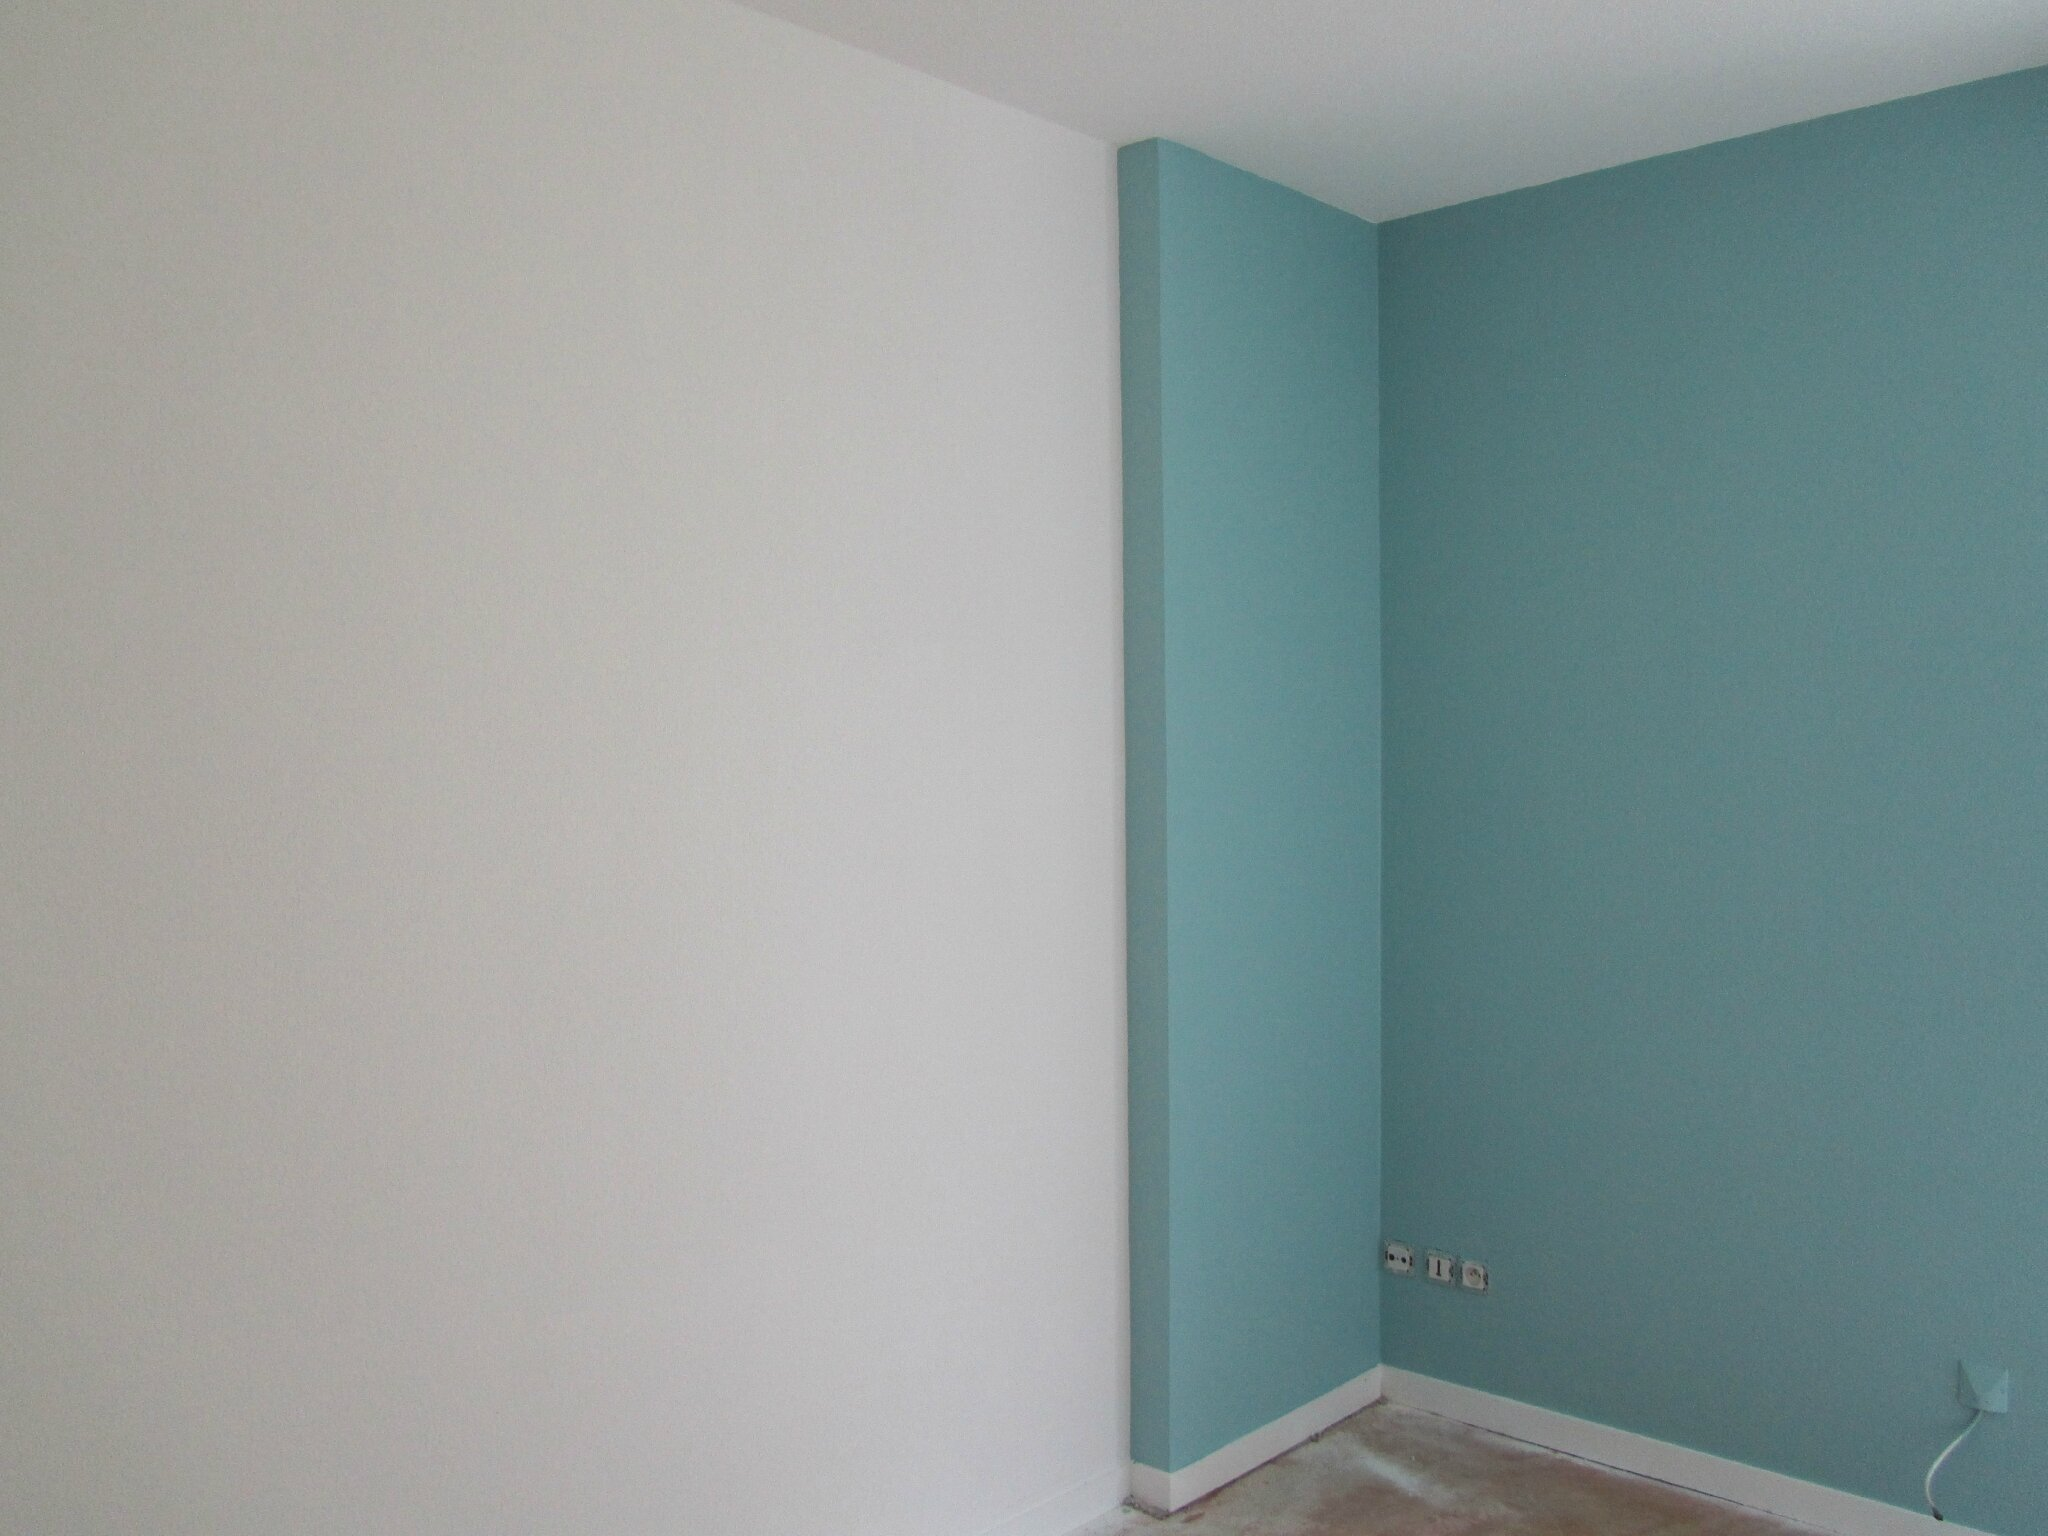 Blanchiment Maison Neuve Peinture Couleur De Votre Choix Sas